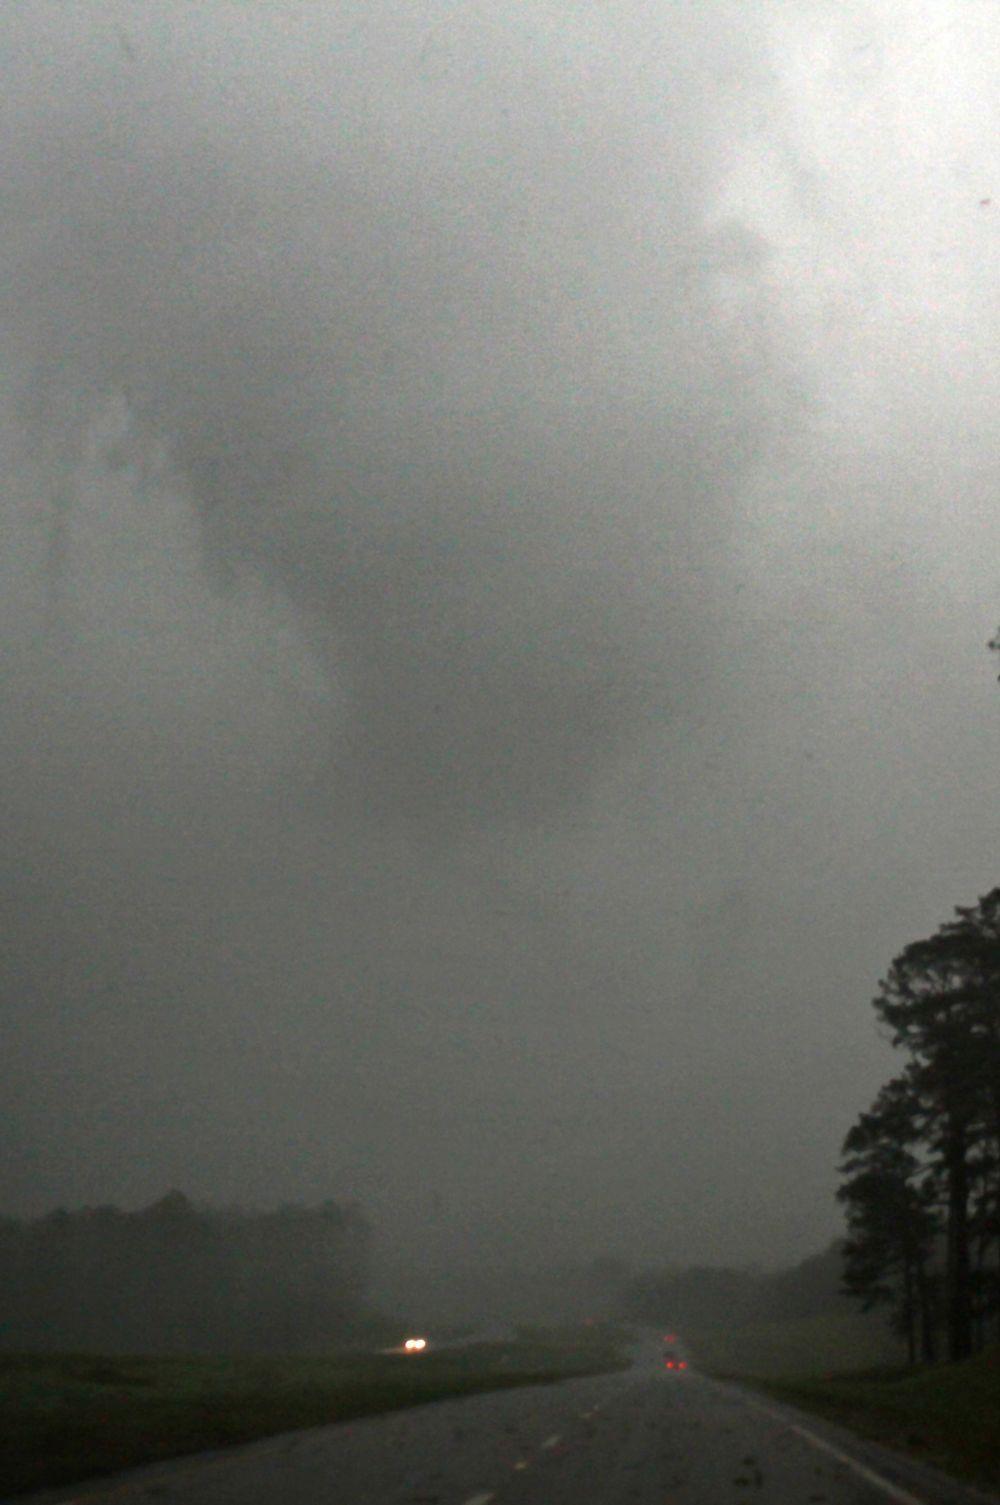 Тем временем, синоптики предсказывают, что угроза не миновала – в течение нескольких дней торнадо могут ударить по нескольким штатам на юге страны.